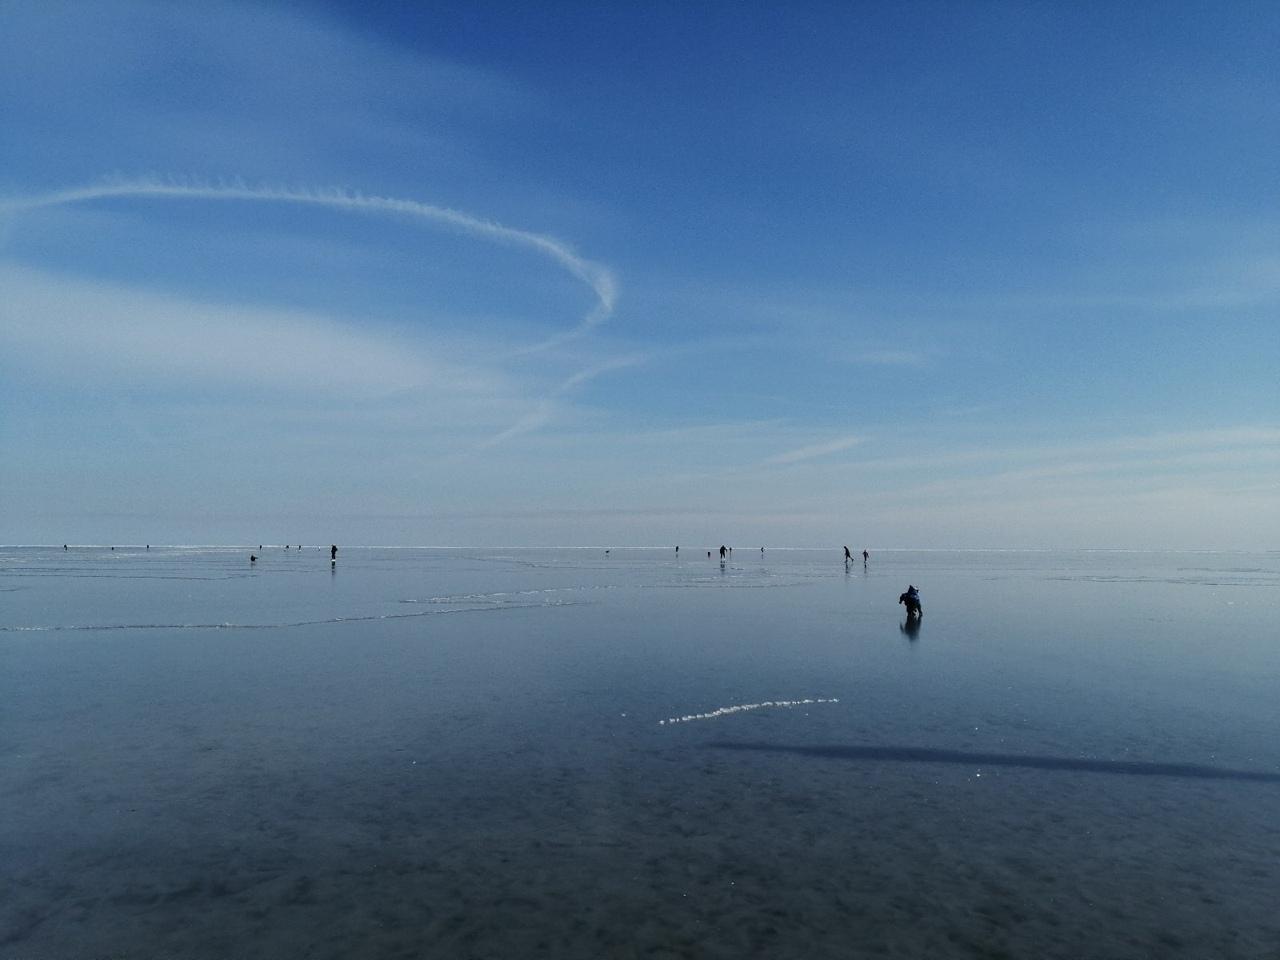 В Таганроге более 20 человек унесло в Таганрогский залив на льдине, в том числе и детей